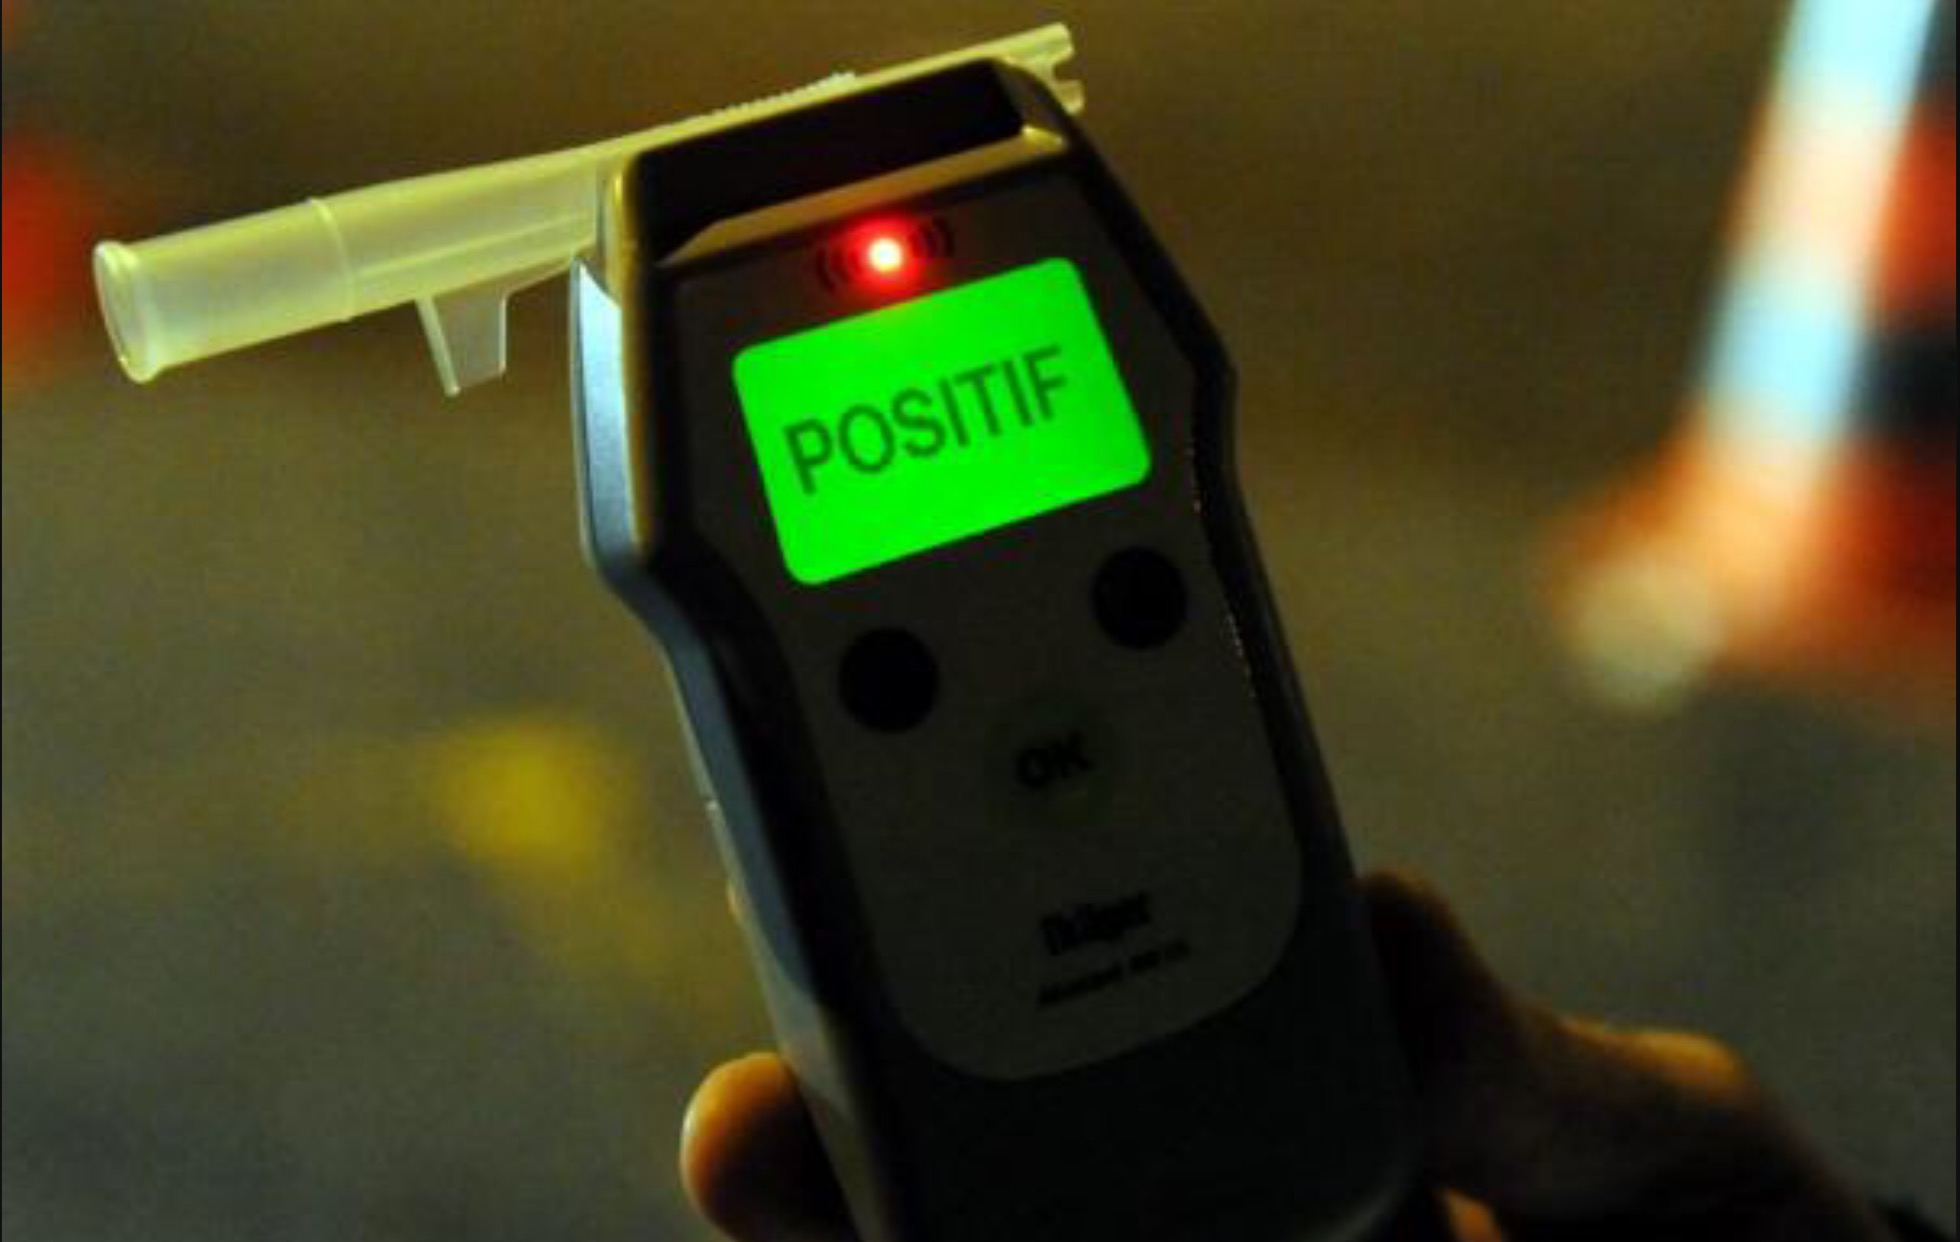 Evreux : un septuagénaire interpellé ivre au volant après un différend familial